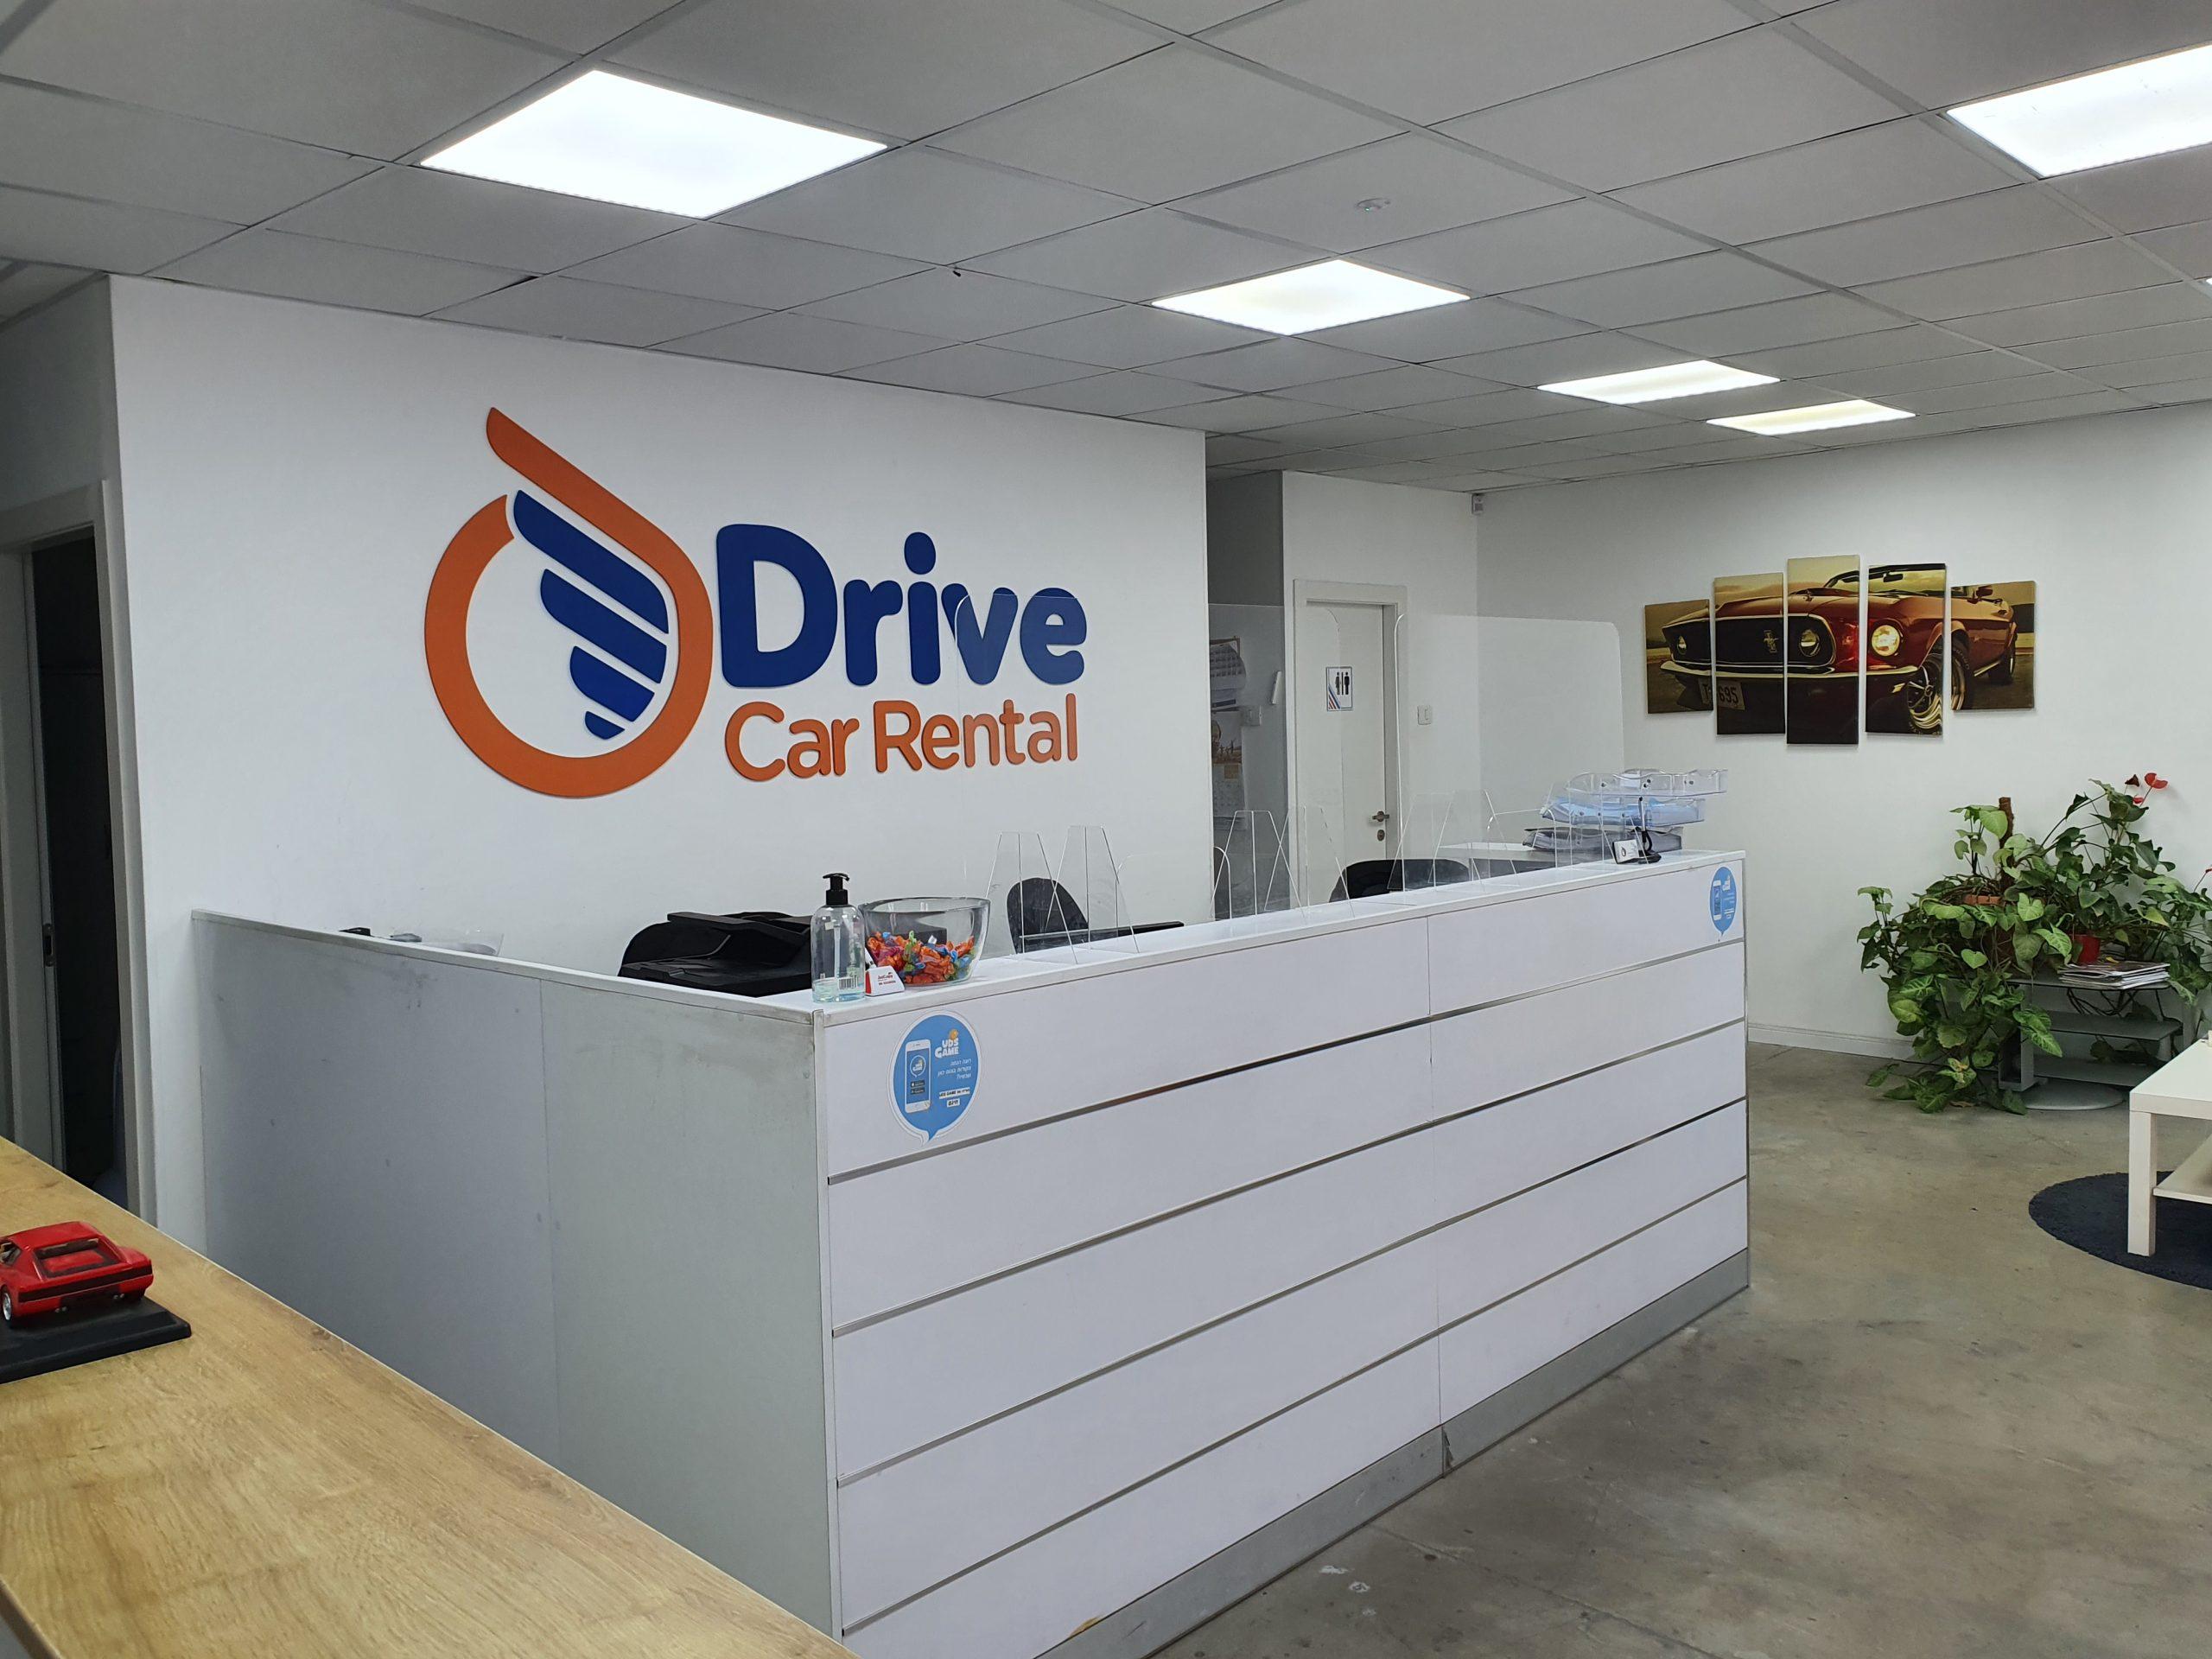 משרד דרייב השכרת רכב אשדוד